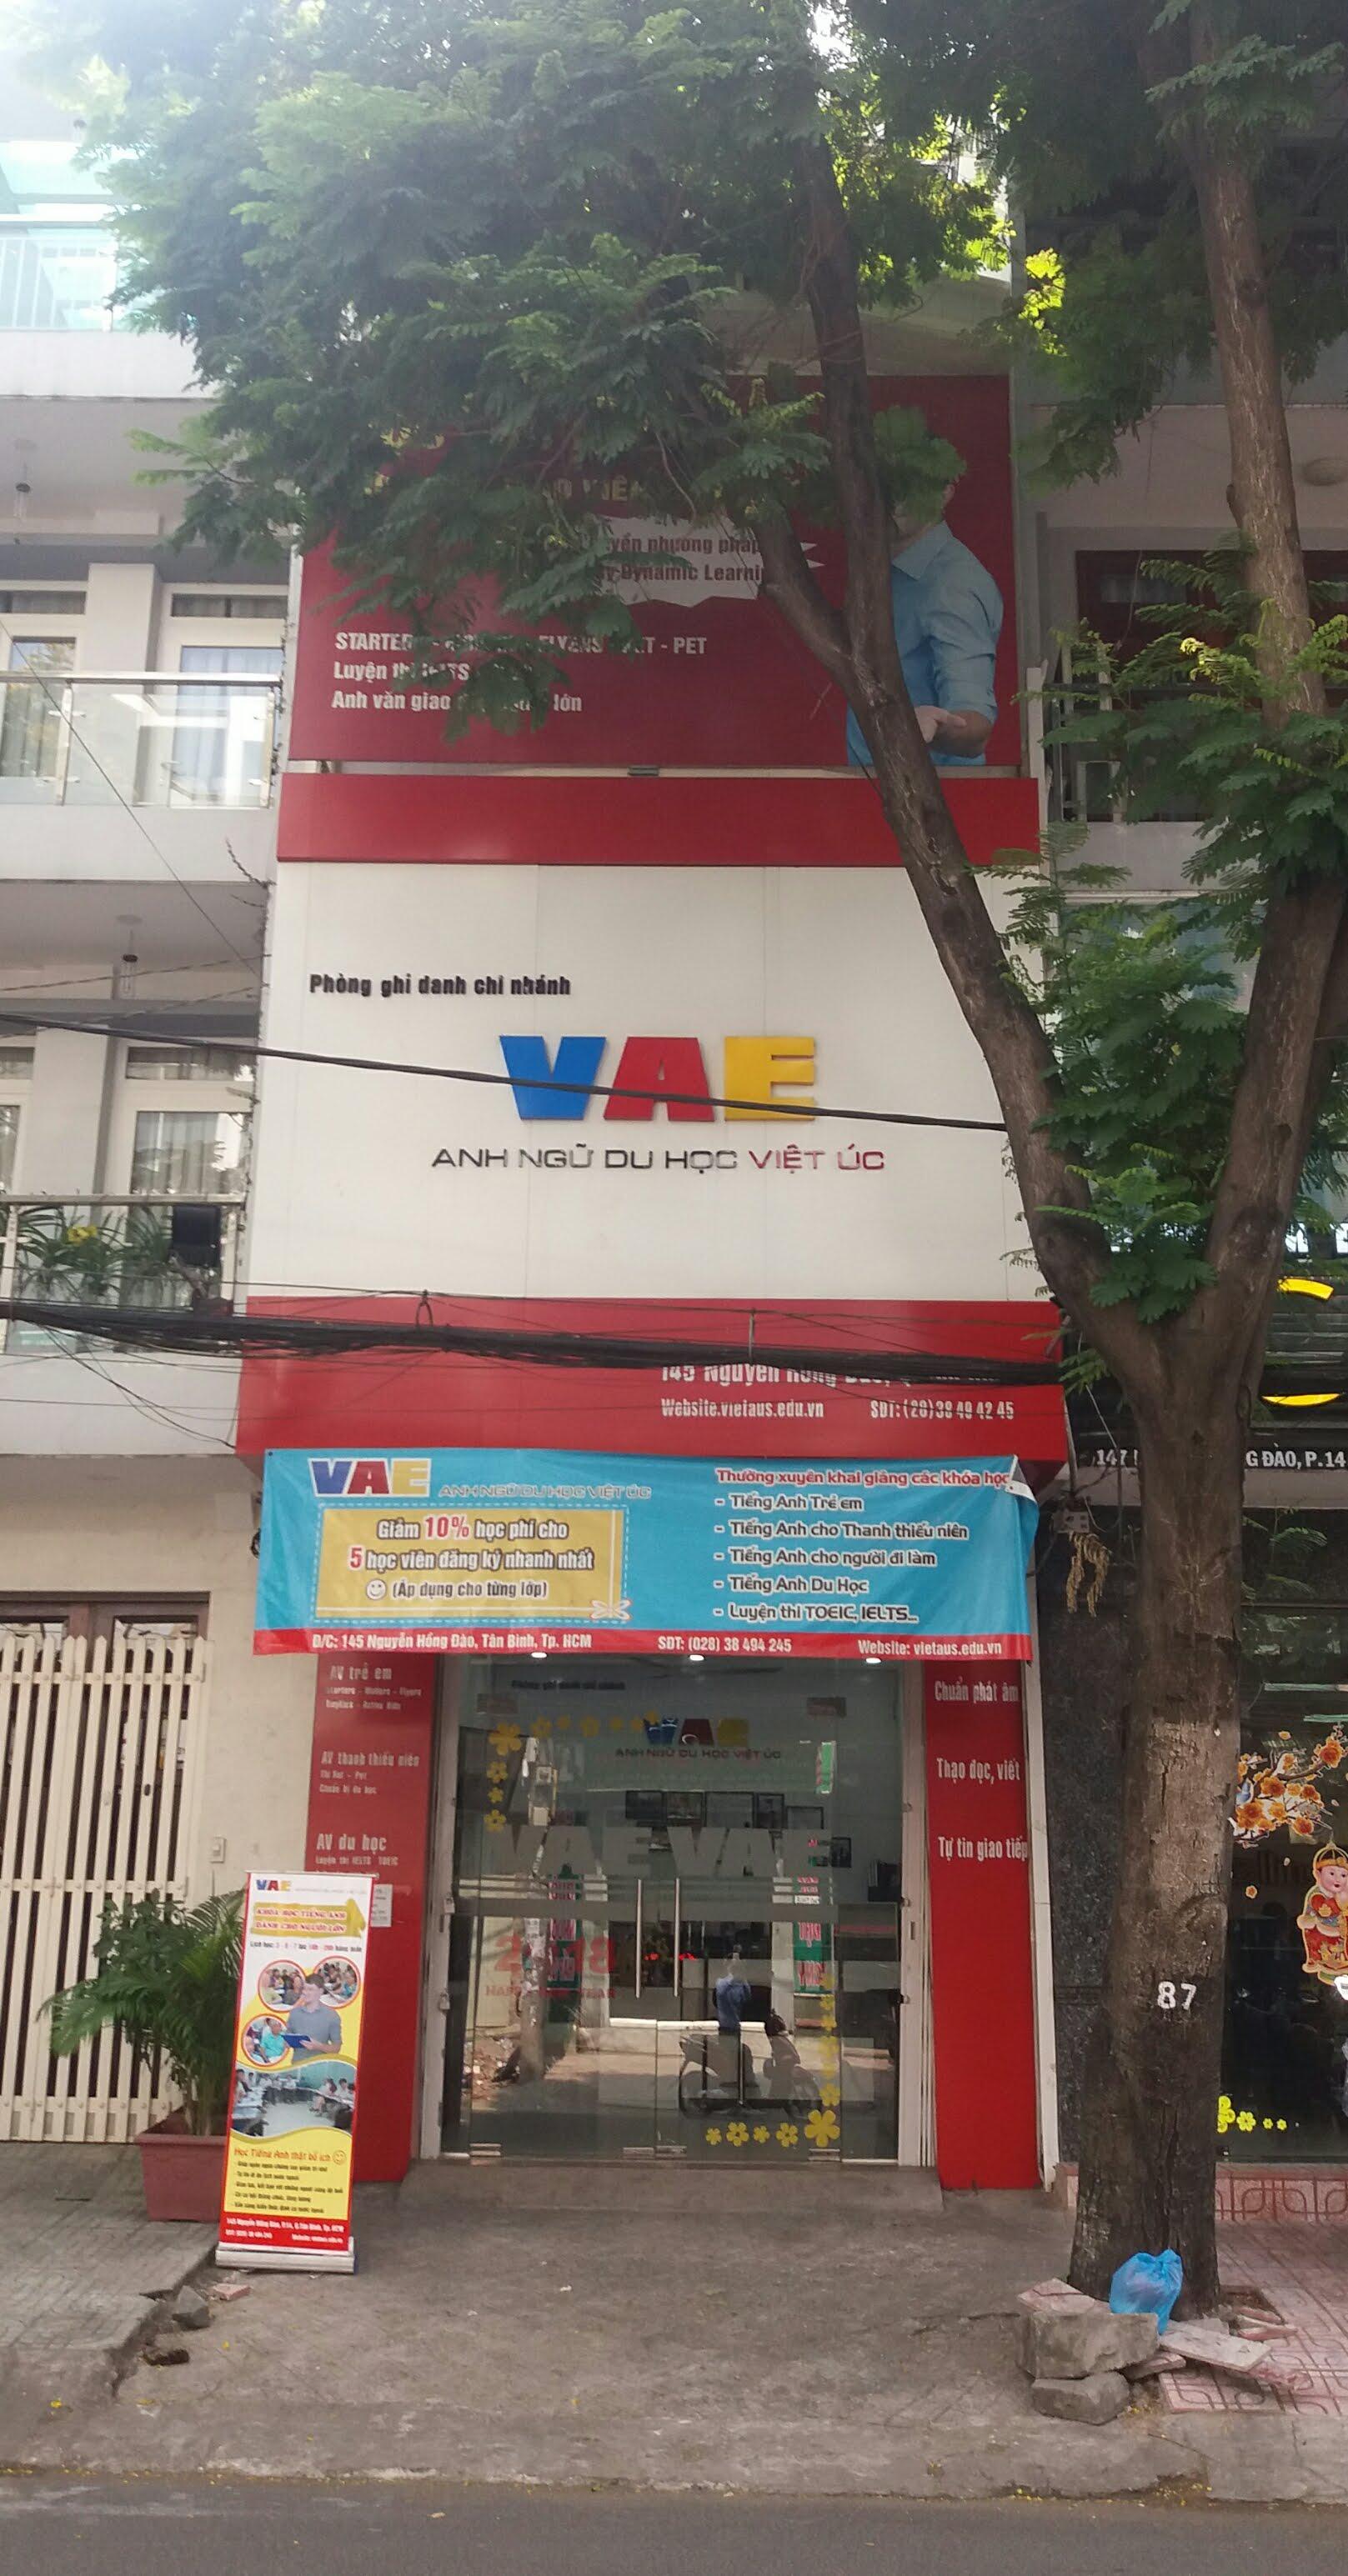 Cho thuê nhà Mặt tiền Nguyễn Hồng Đào, Phường 14, Tân Bình, tiện kinh doanh, 4x17m, 3 lầu